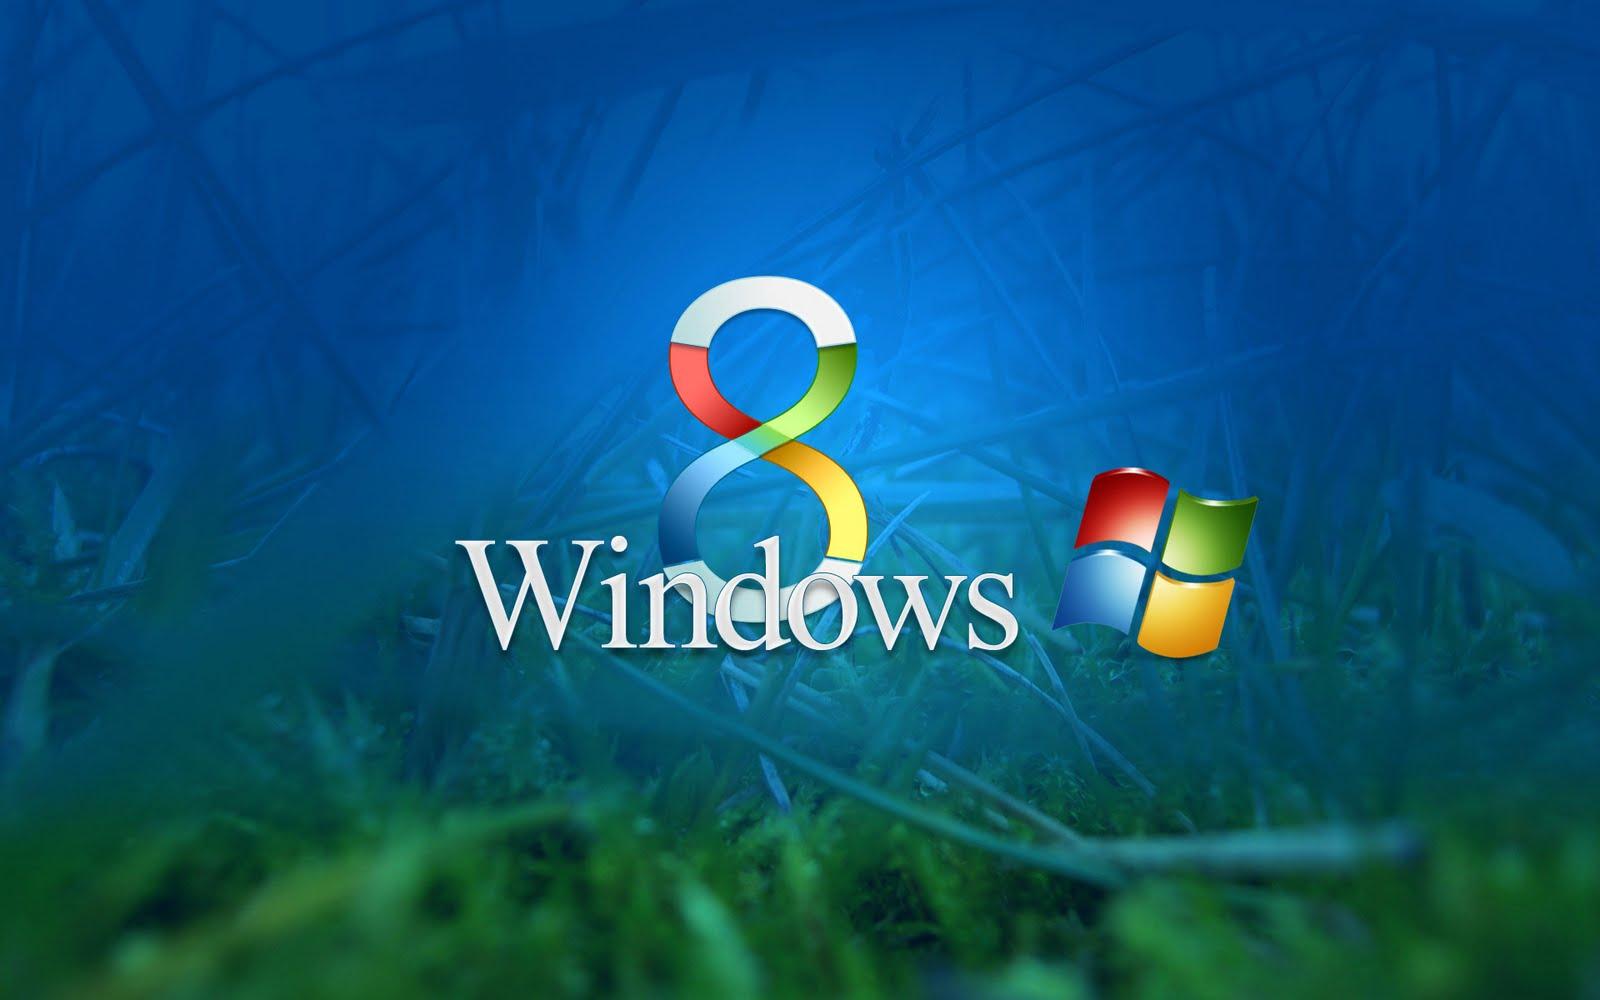 http://4.bp.blogspot.com/-B_dRjvrzIkk/TloCpw2er0I/AAAAAAAAAwY/StVKV1P2vvo/s1600/Windows+8+wallpaper+2.jpg